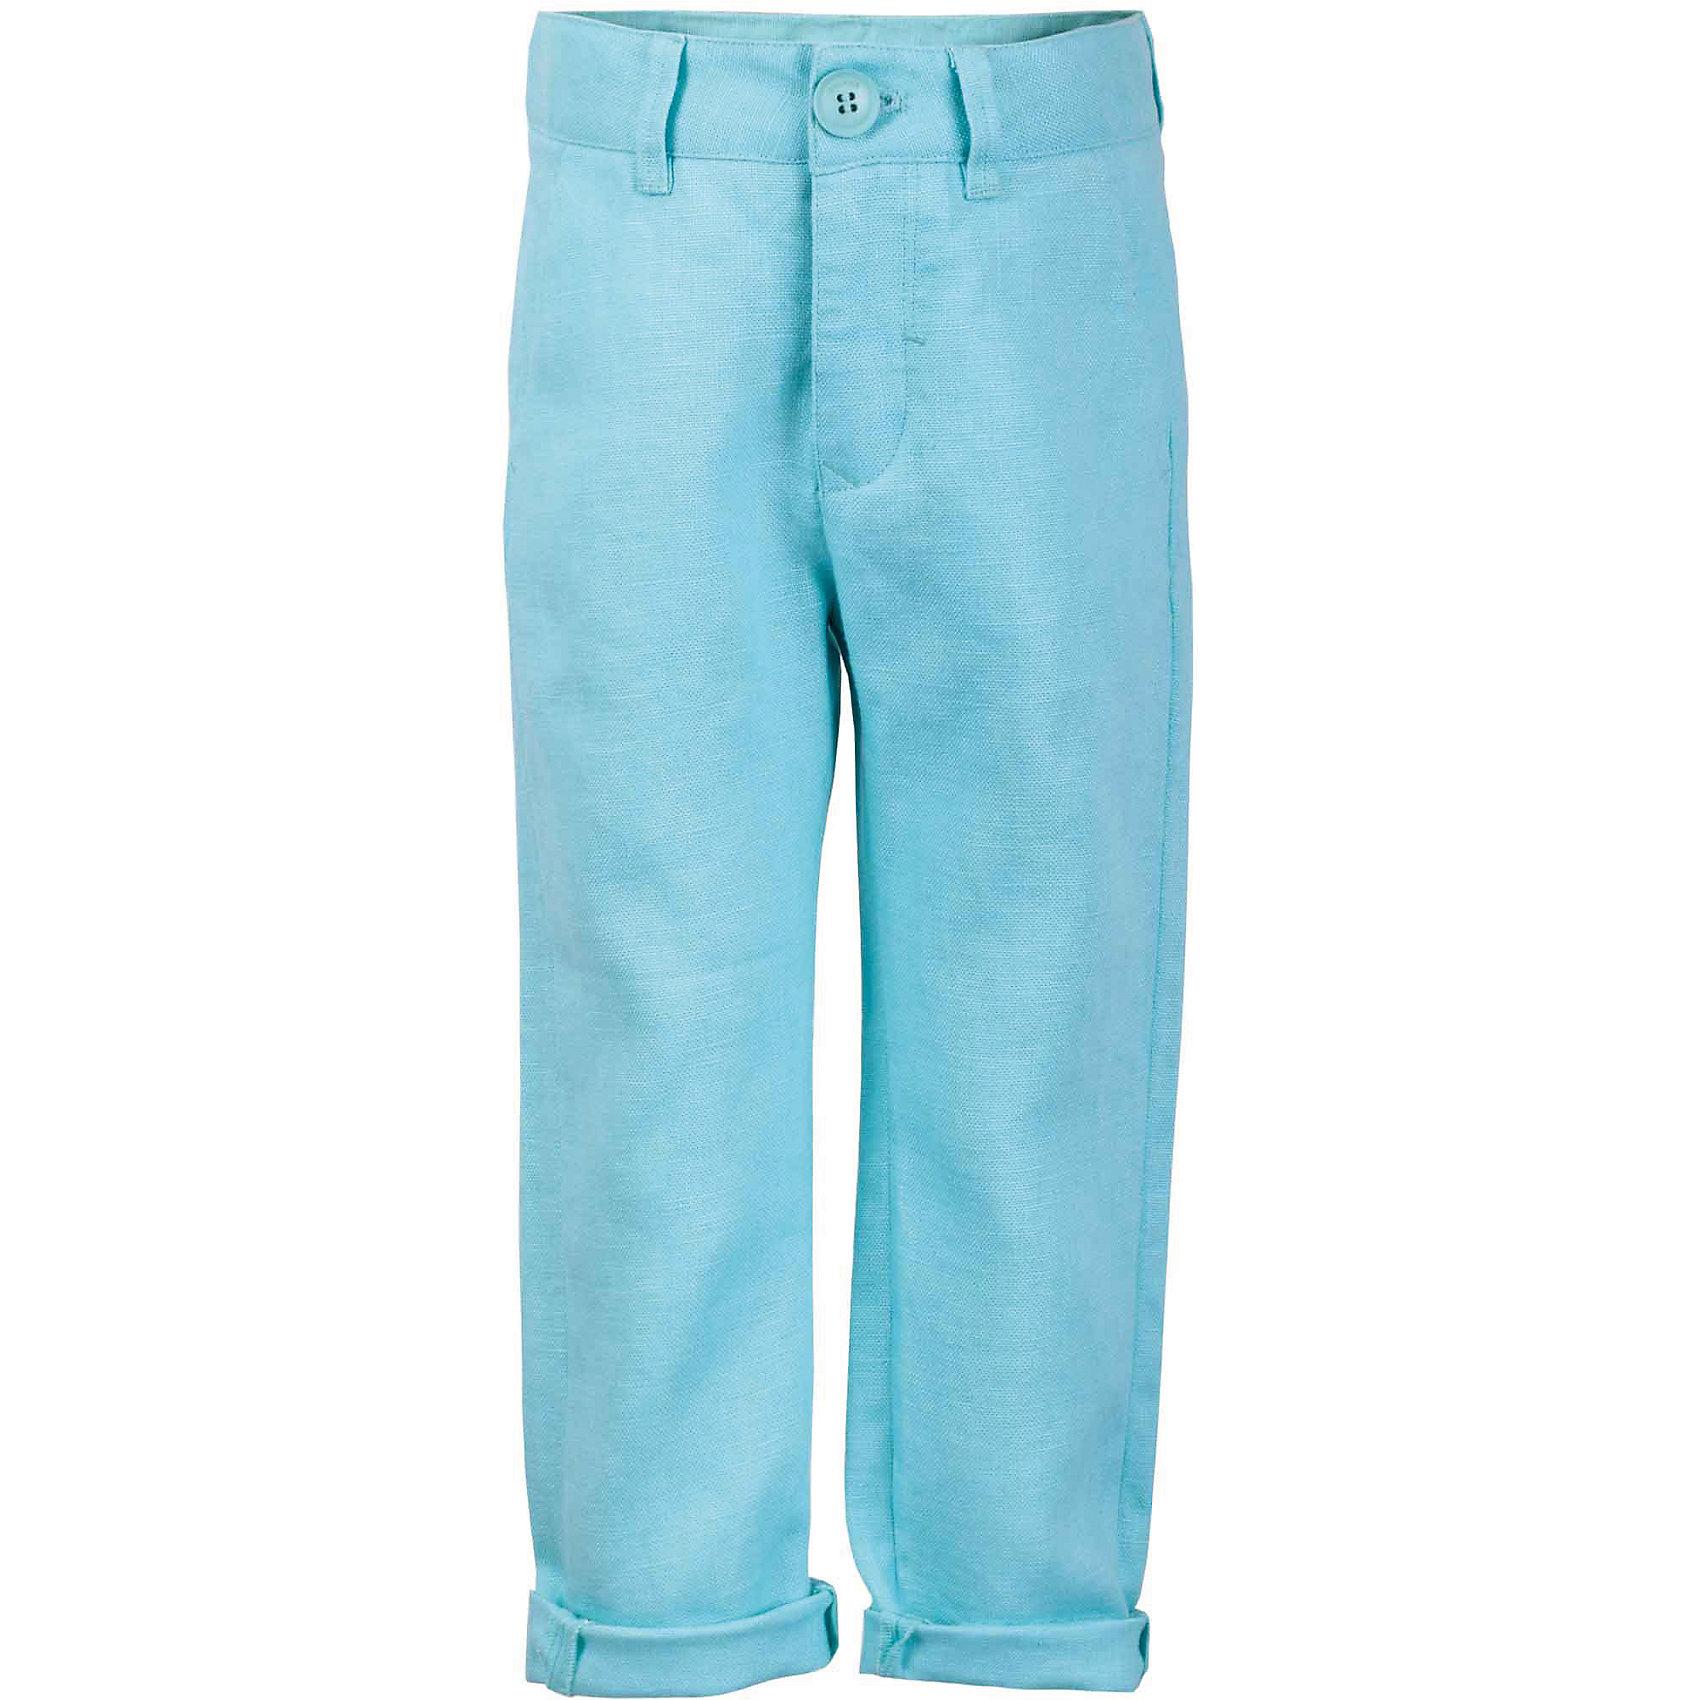 Брюки для мальчика GulliverБрюки<br>Несмотря на то, что джинсы по-прежнему занимают в гардеробе ребенка первое место, классические брюки для мальчика никто не отменял! Походы в театр, в гости, на важные и торжественные мероприятия предполагают на ребенке особый look. Модные светлые брюки в сочетании со стильной рубашкой, джемпером, пиджаком или жилетом - и ваш ребенок будет неотразим! Натуральный лен с характерными элегантными заминами придает модели особый шарм. Ментоловый цвет выглядит нарядно, благородно, изысканно!<br>Состав:<br>100% лён<br><br>Ширина мм: 215<br>Глубина мм: 88<br>Высота мм: 191<br>Вес г: 336<br>Цвет: голубой<br>Возраст от месяцев: 108<br>Возраст до месяцев: 120<br>Пол: Мужской<br>Возраст: Детский<br>Размер: 140,122,128,134<br>SKU: 5483325